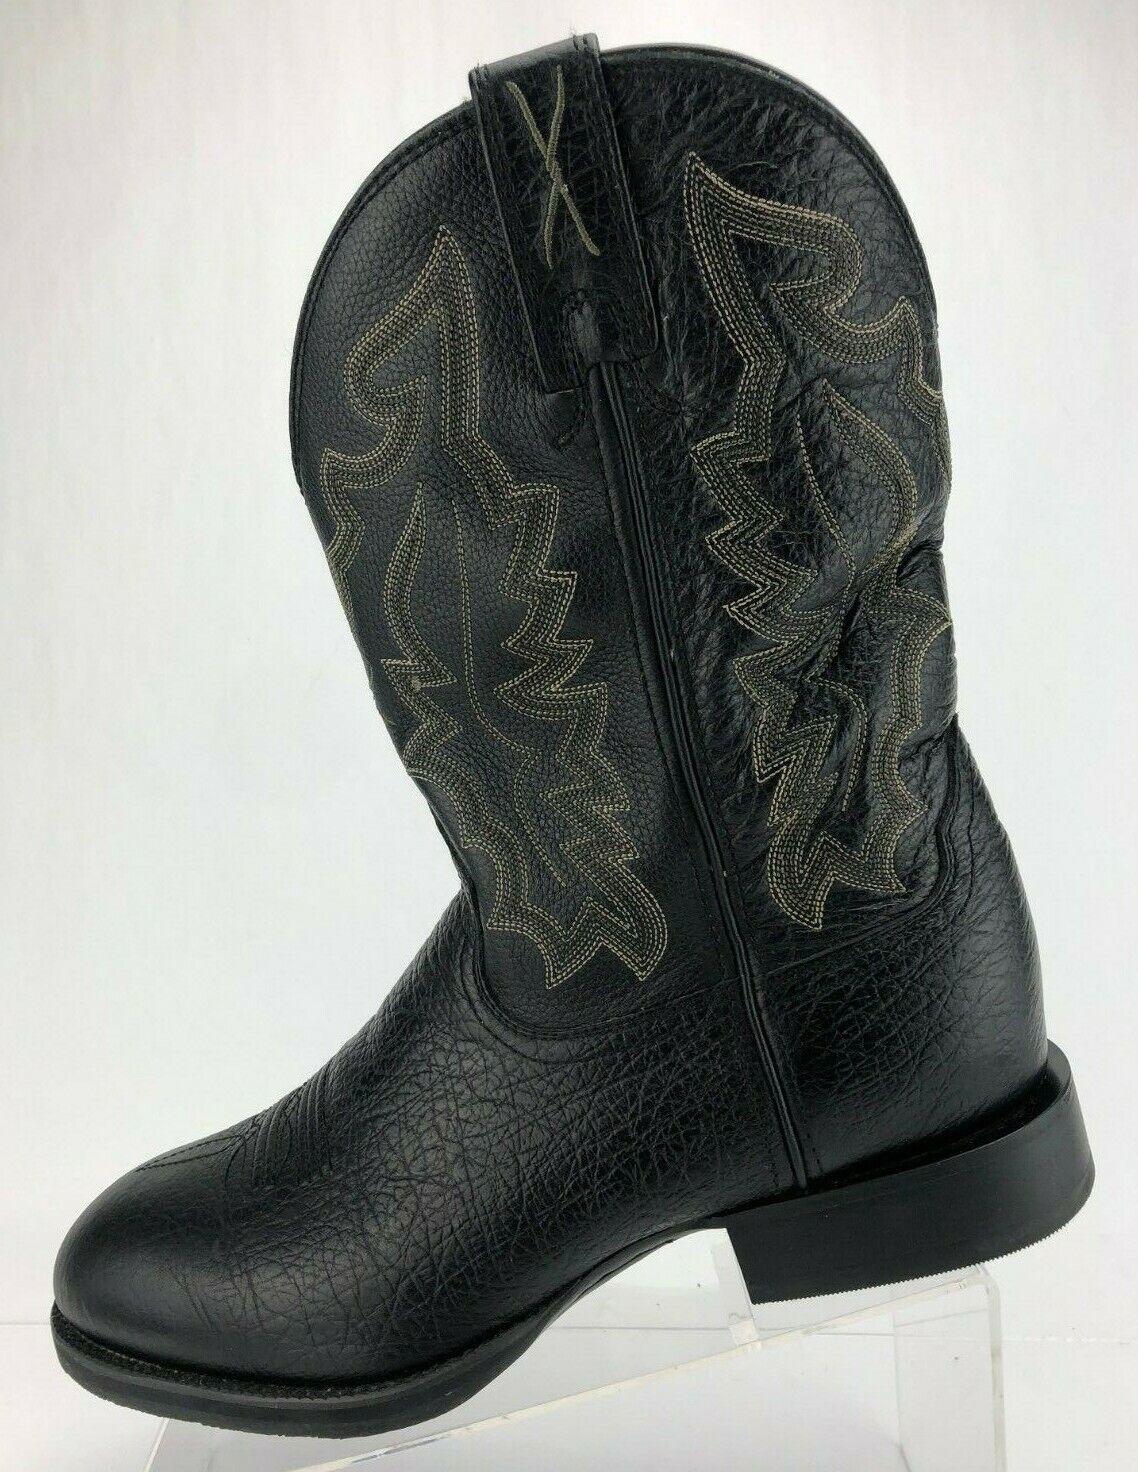 Twisted x botas de Vaquero Stockman occidental Negro Cuero Mitad de Pantorrilla Zapatos para hombre 9.5 Extra Ancho